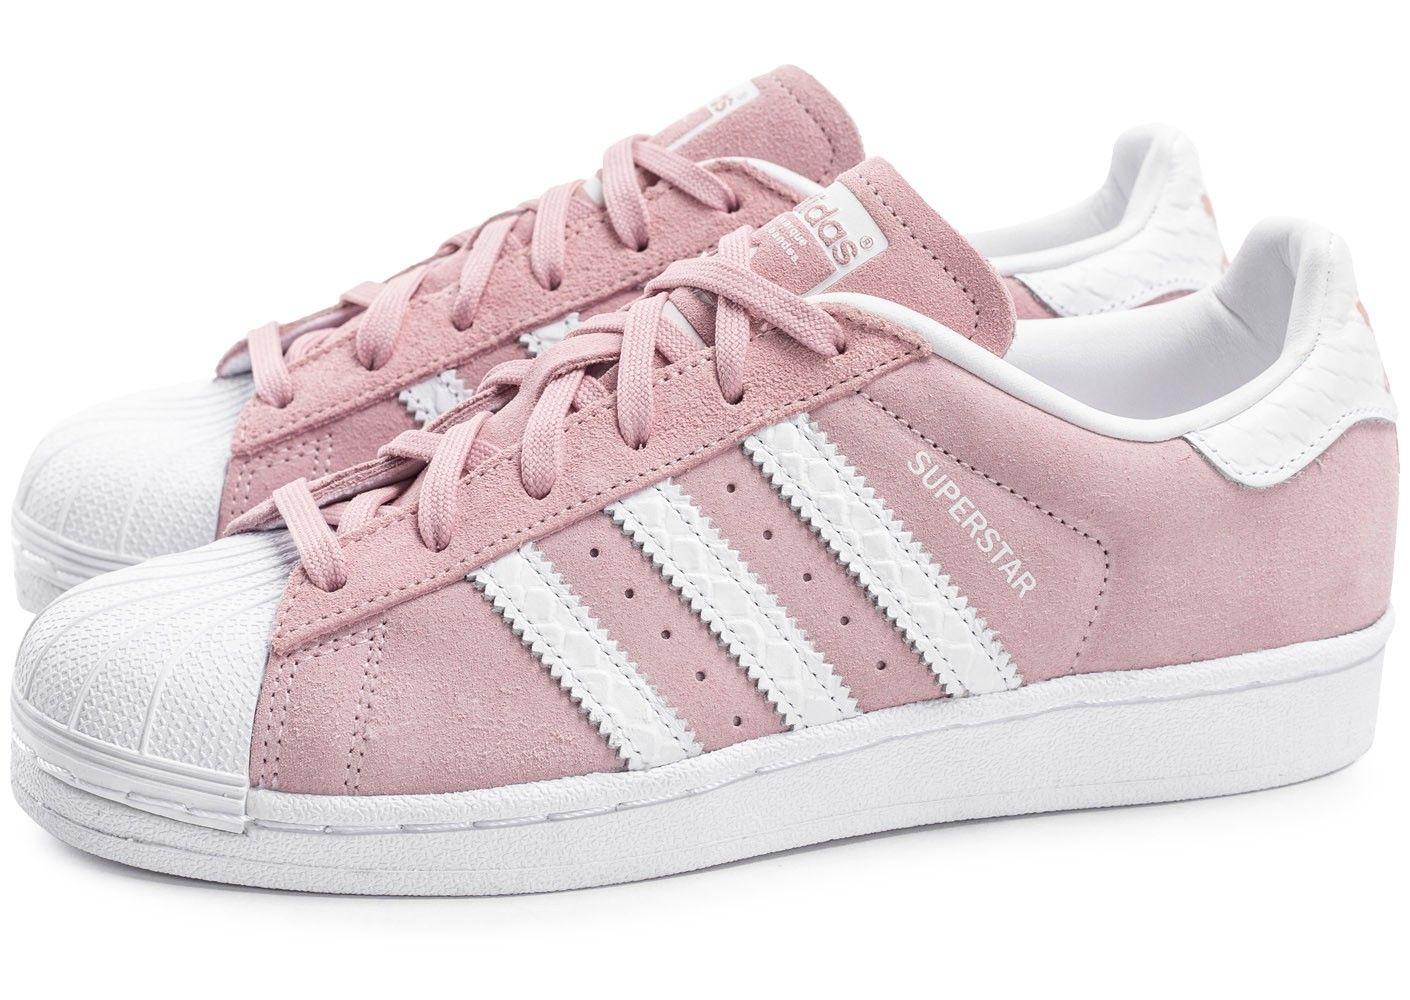 Vente adidas superstar vieux rose Gatorade Daim Vert Pas Chers ... 21b3bb571e6